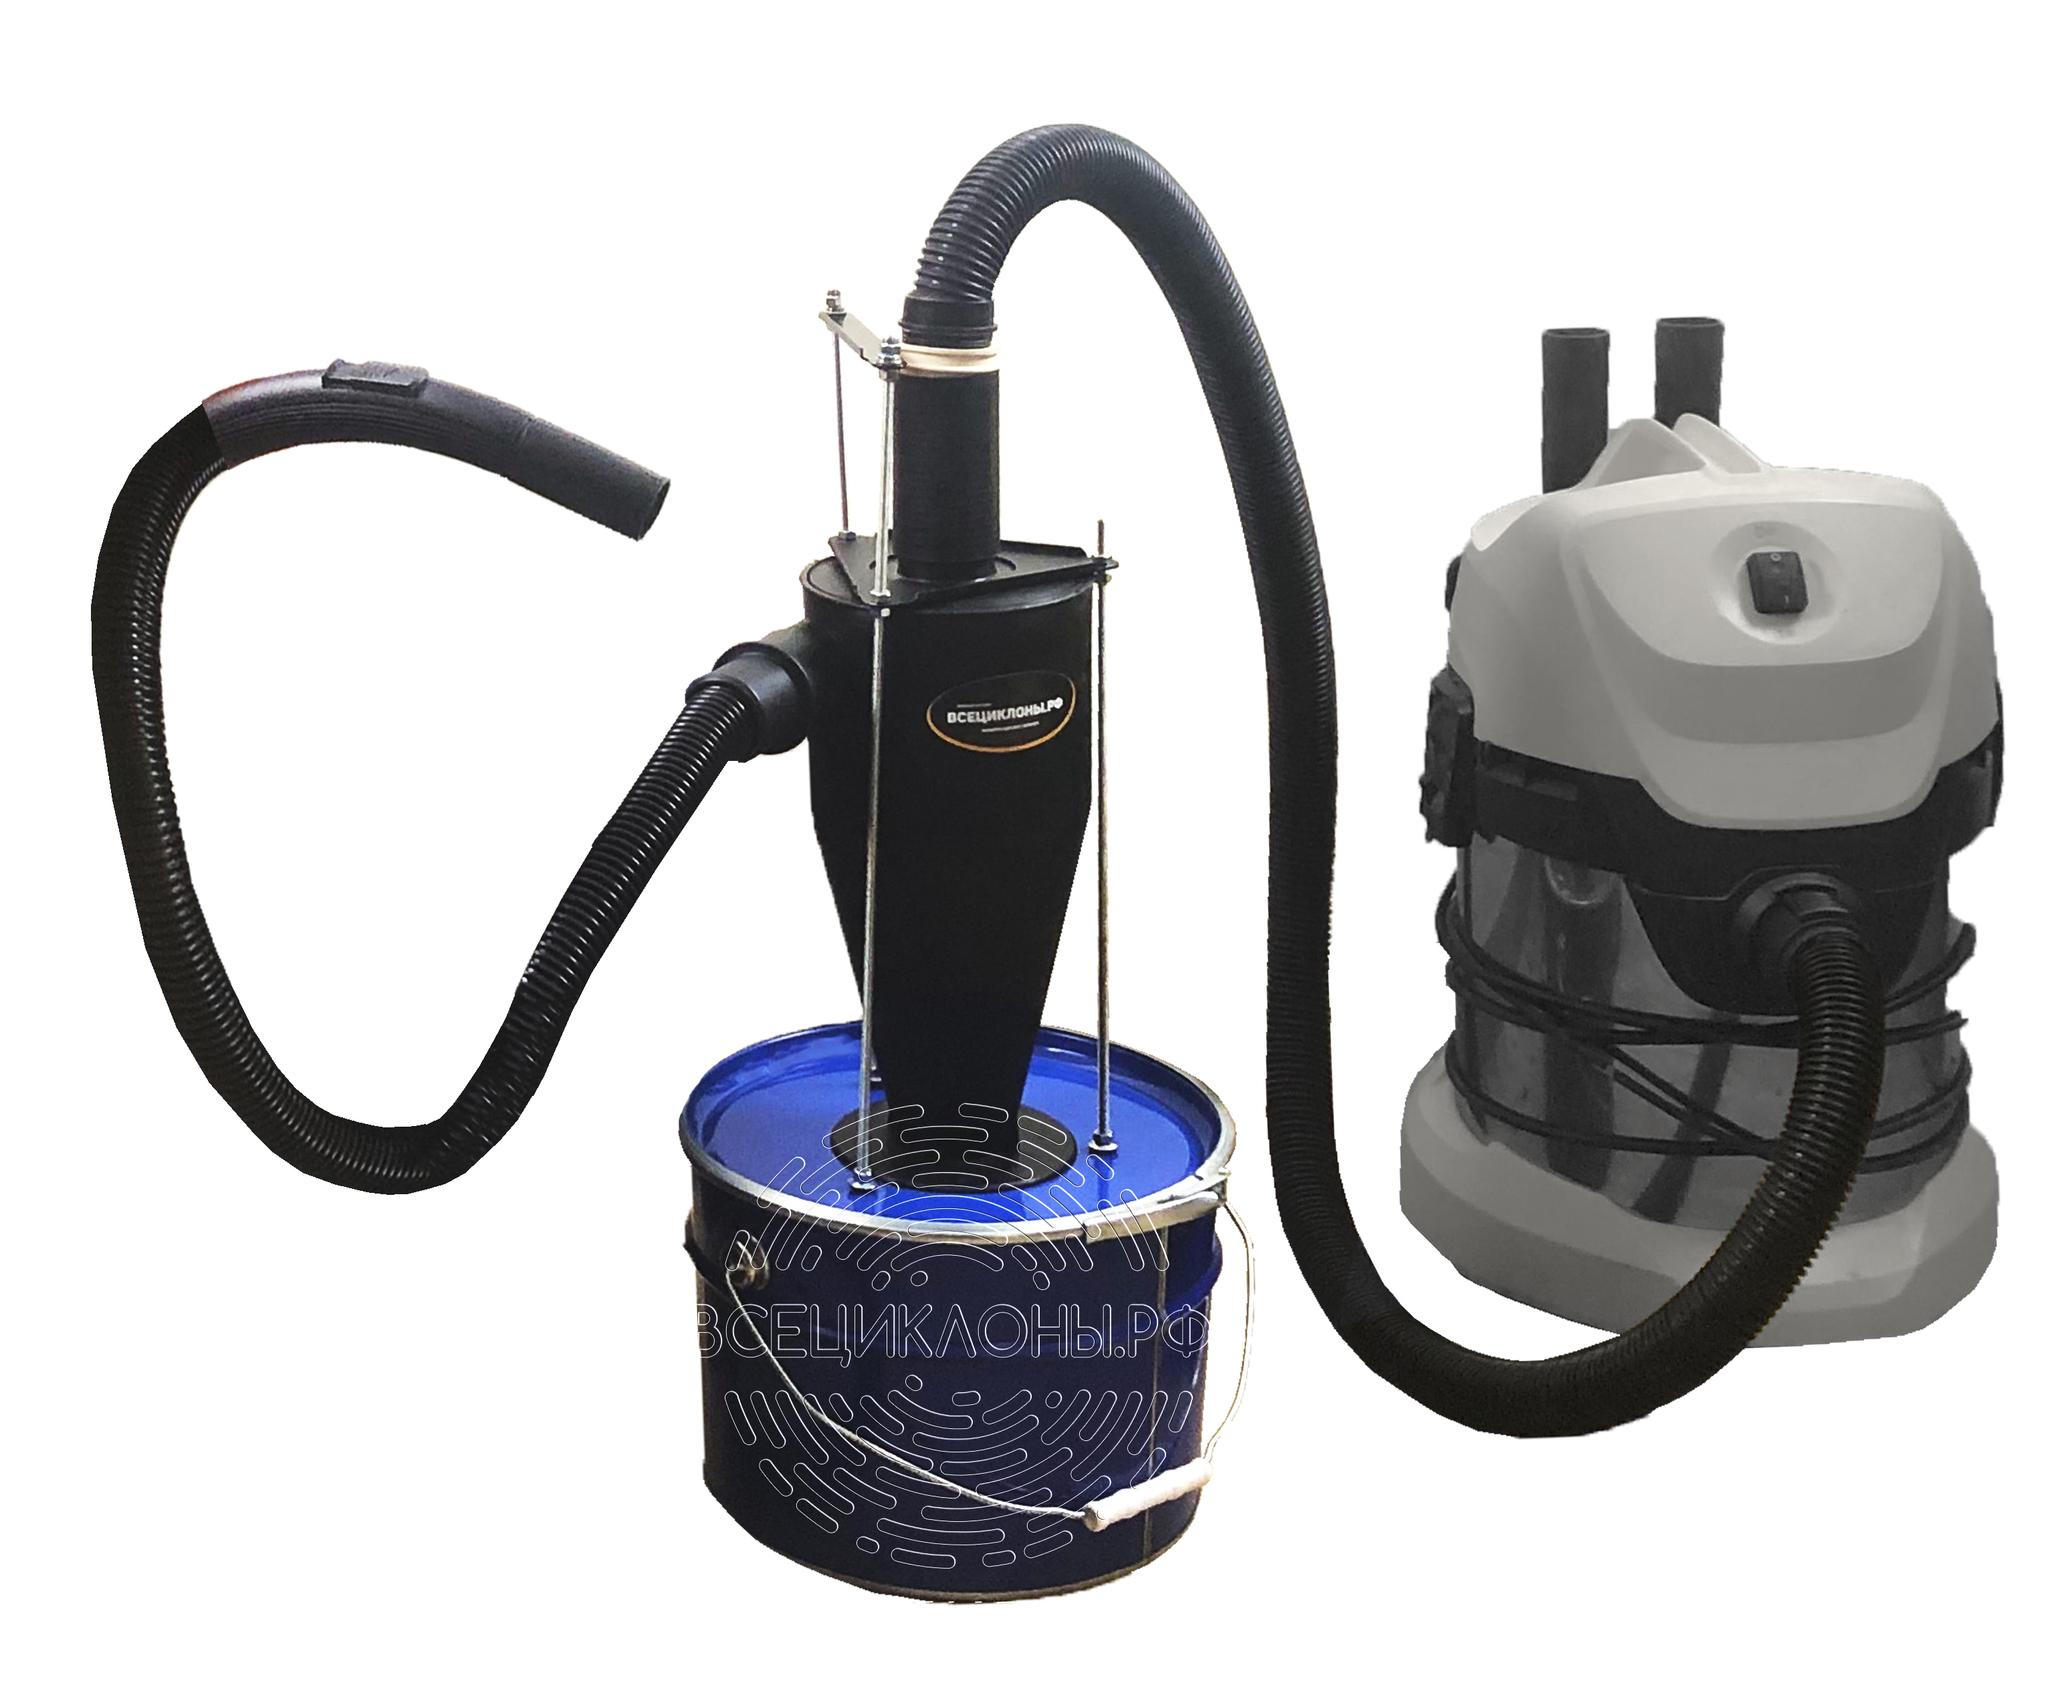 Циклонный фильтр MicroDust, пылесборник 10л, скелетный крепёж, шланг